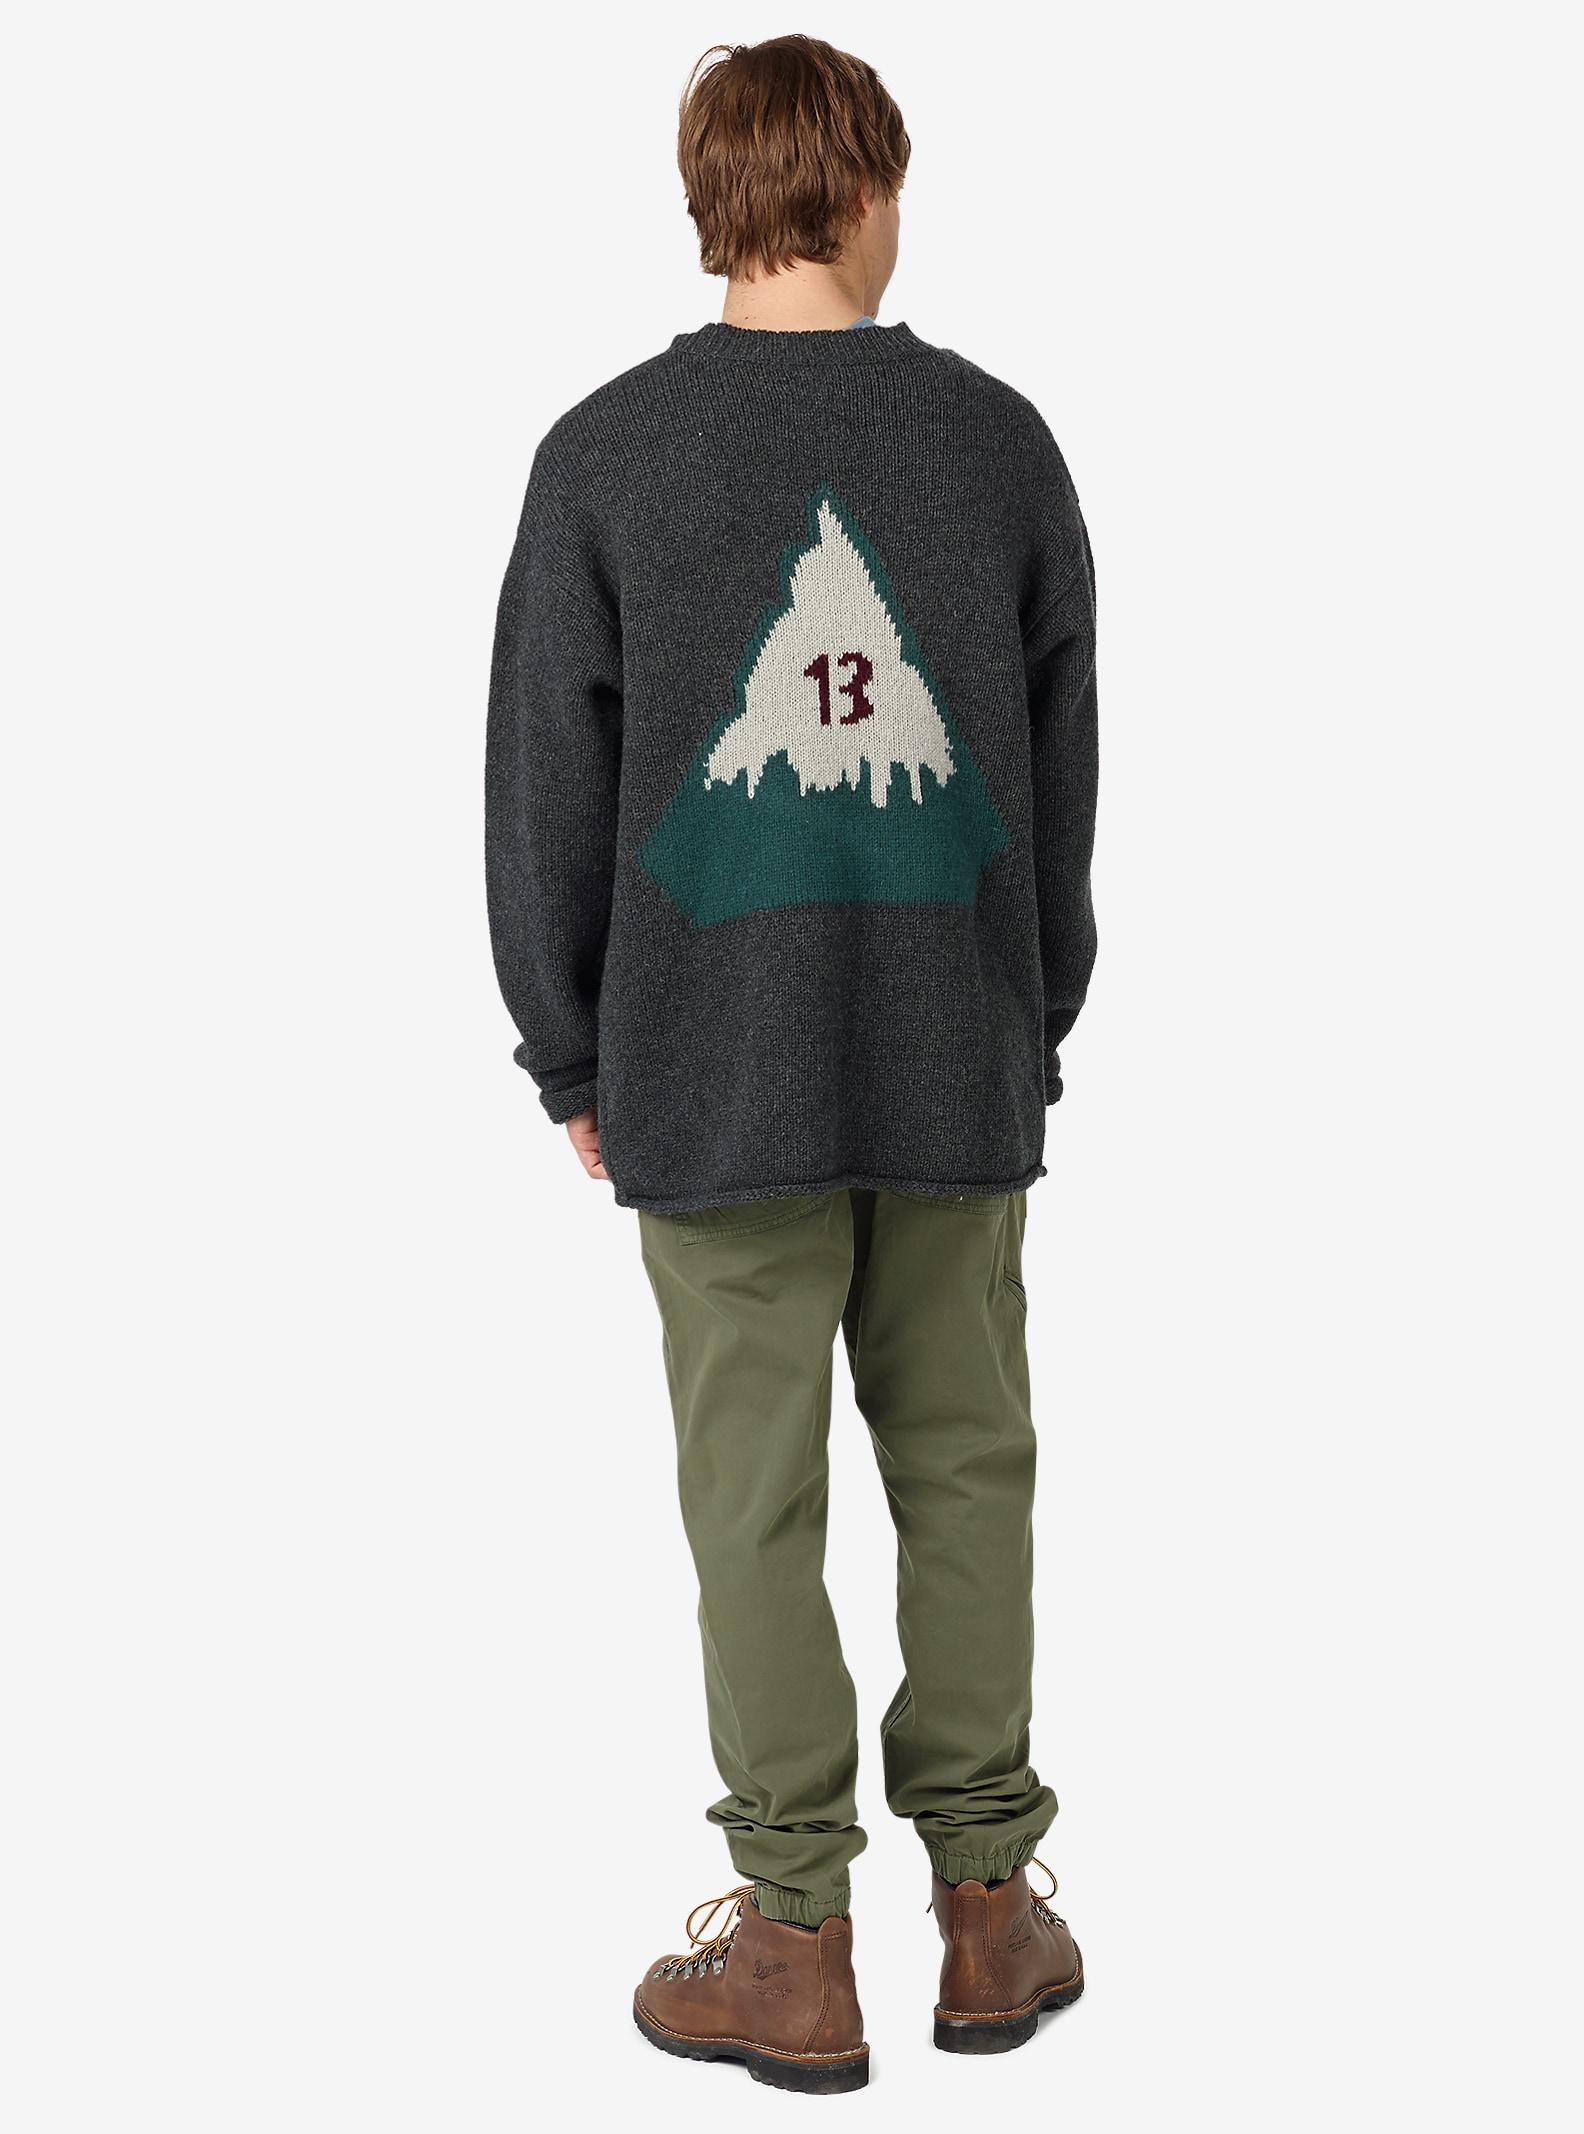 Burton Throwback Sweater shown in Dark Ash Heather